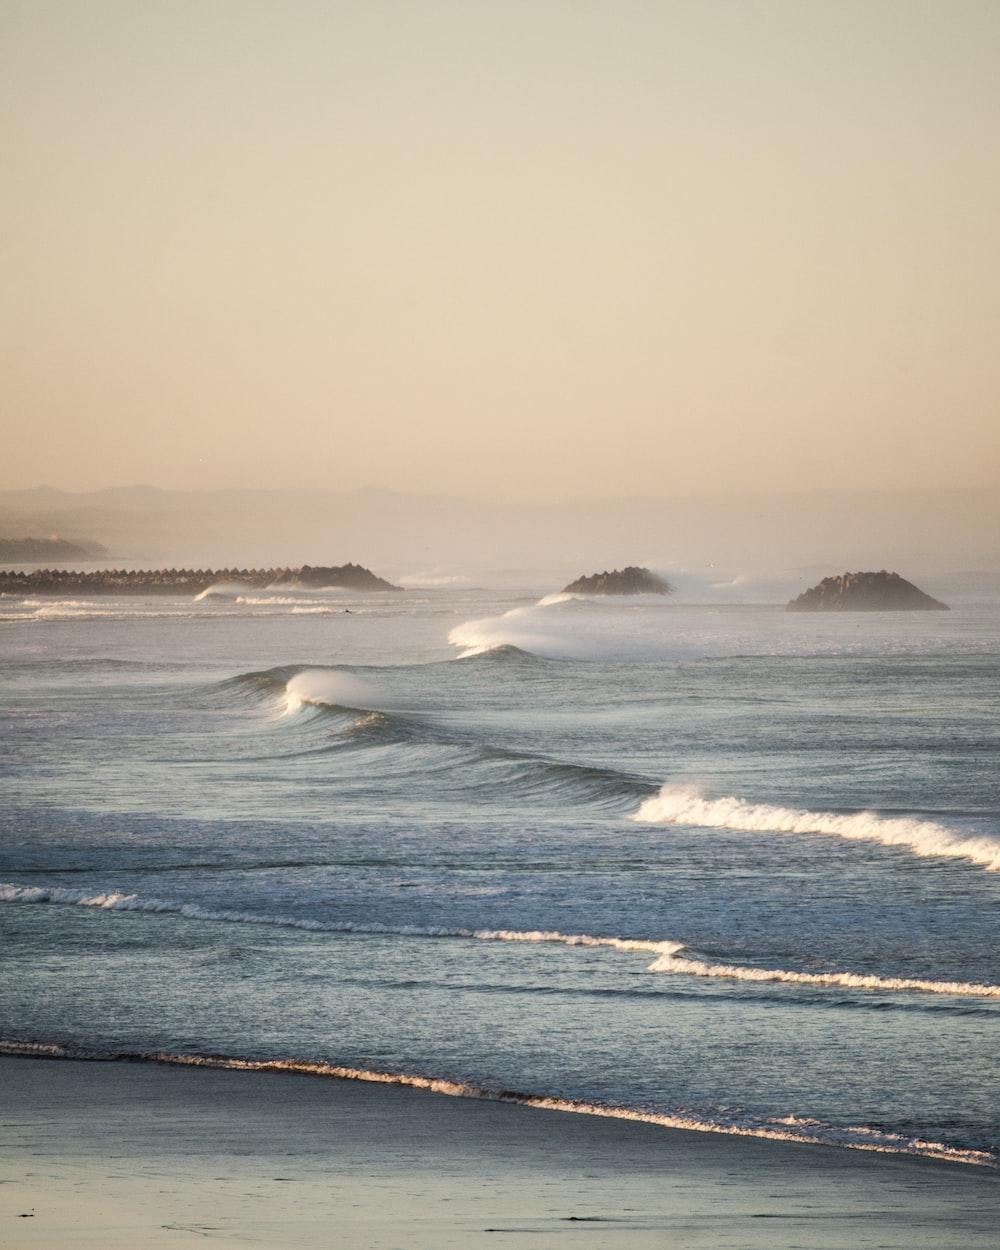 waver waves during daytime